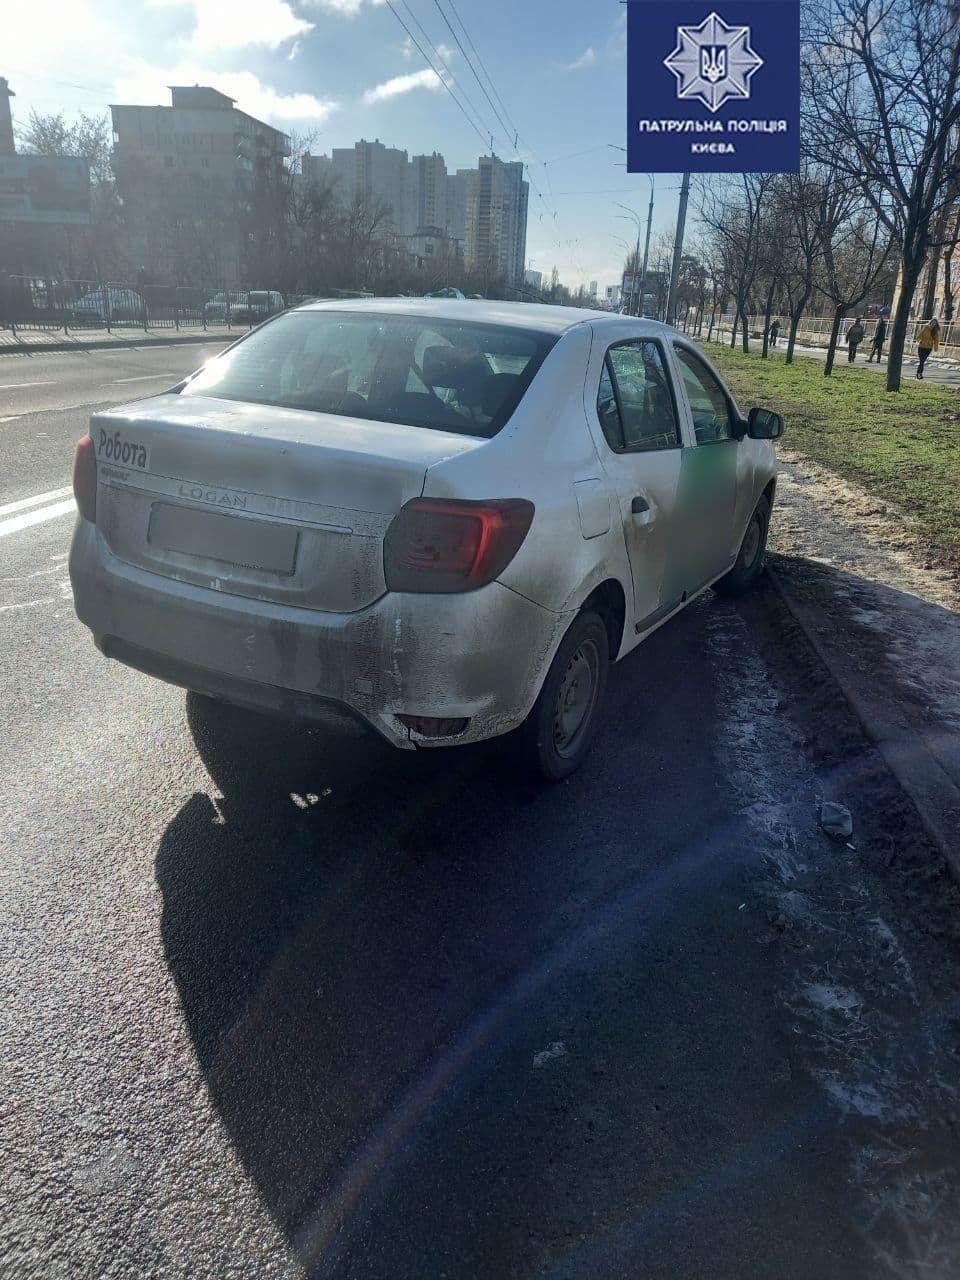 Водитель пытался скрыться с места ДТП.